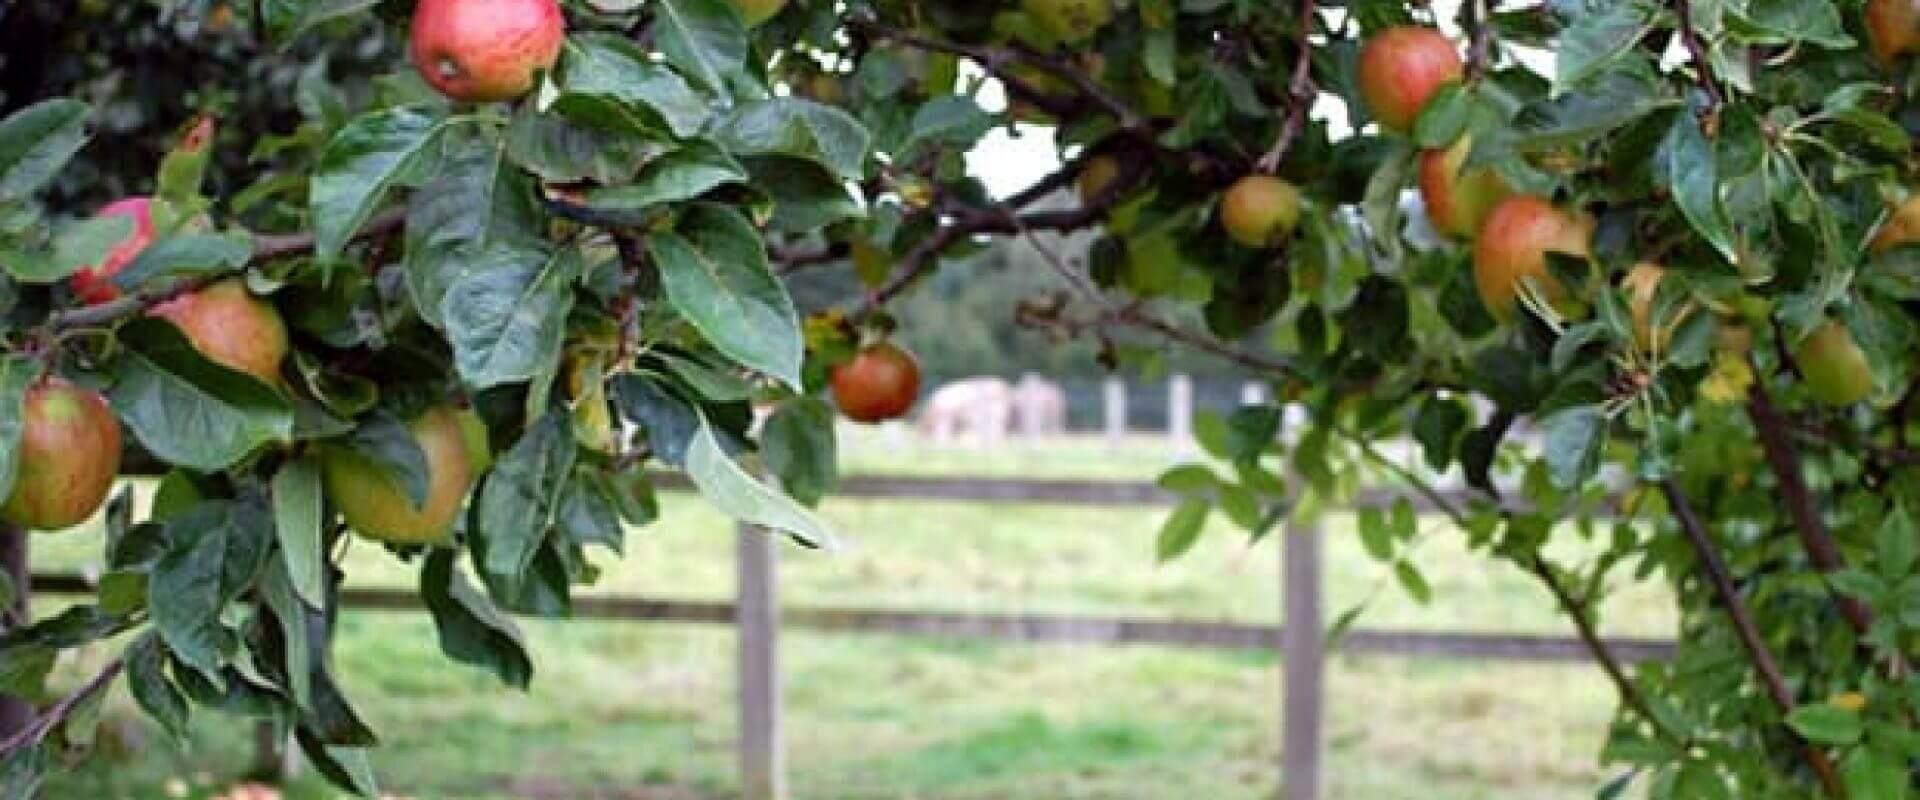 Apples on tree-Windfall Tatin